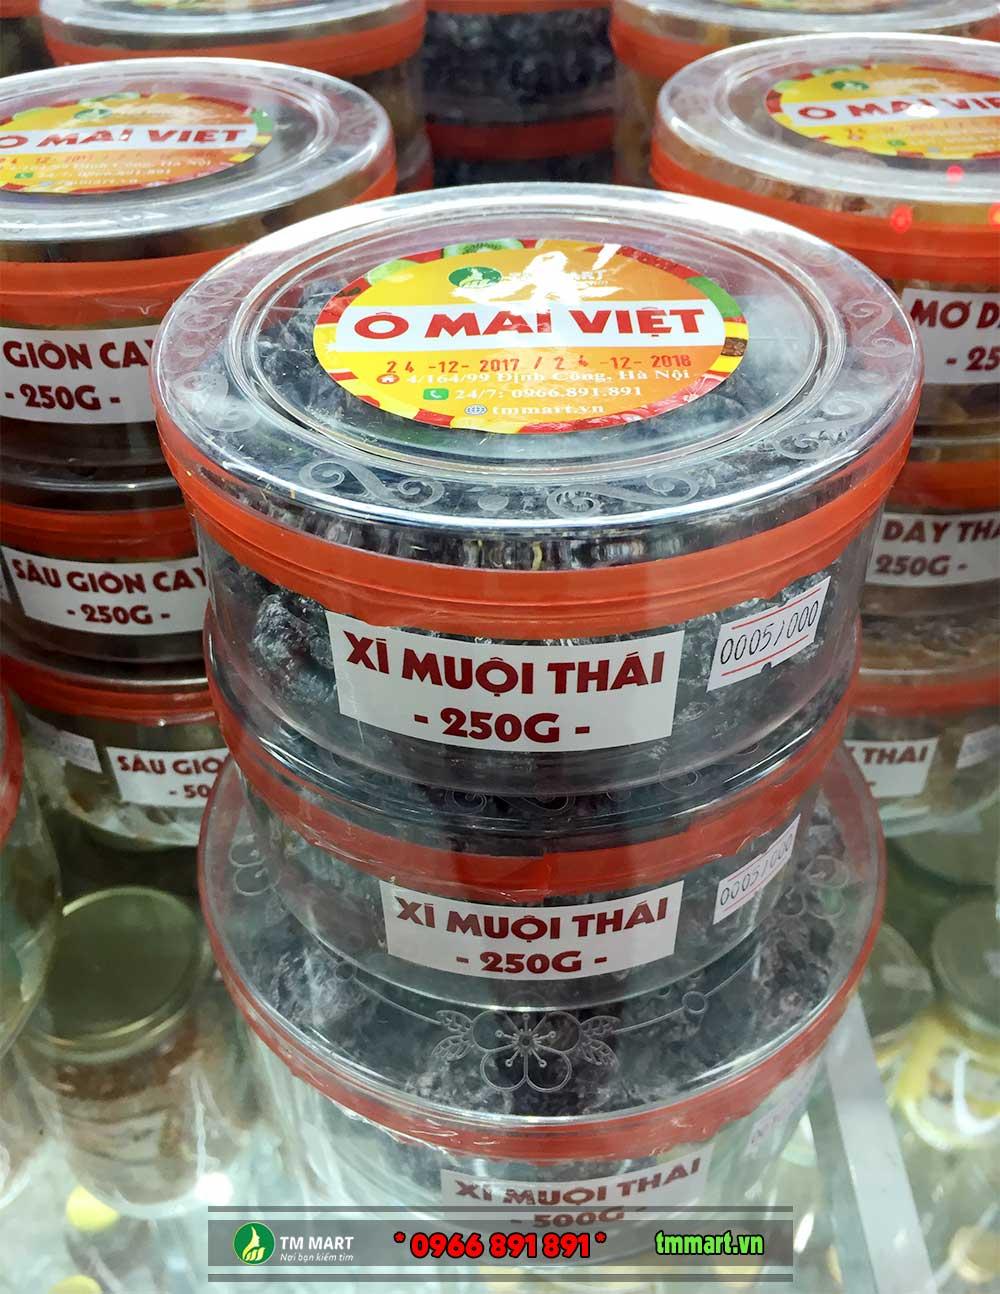 Ô mai xí muội Thái